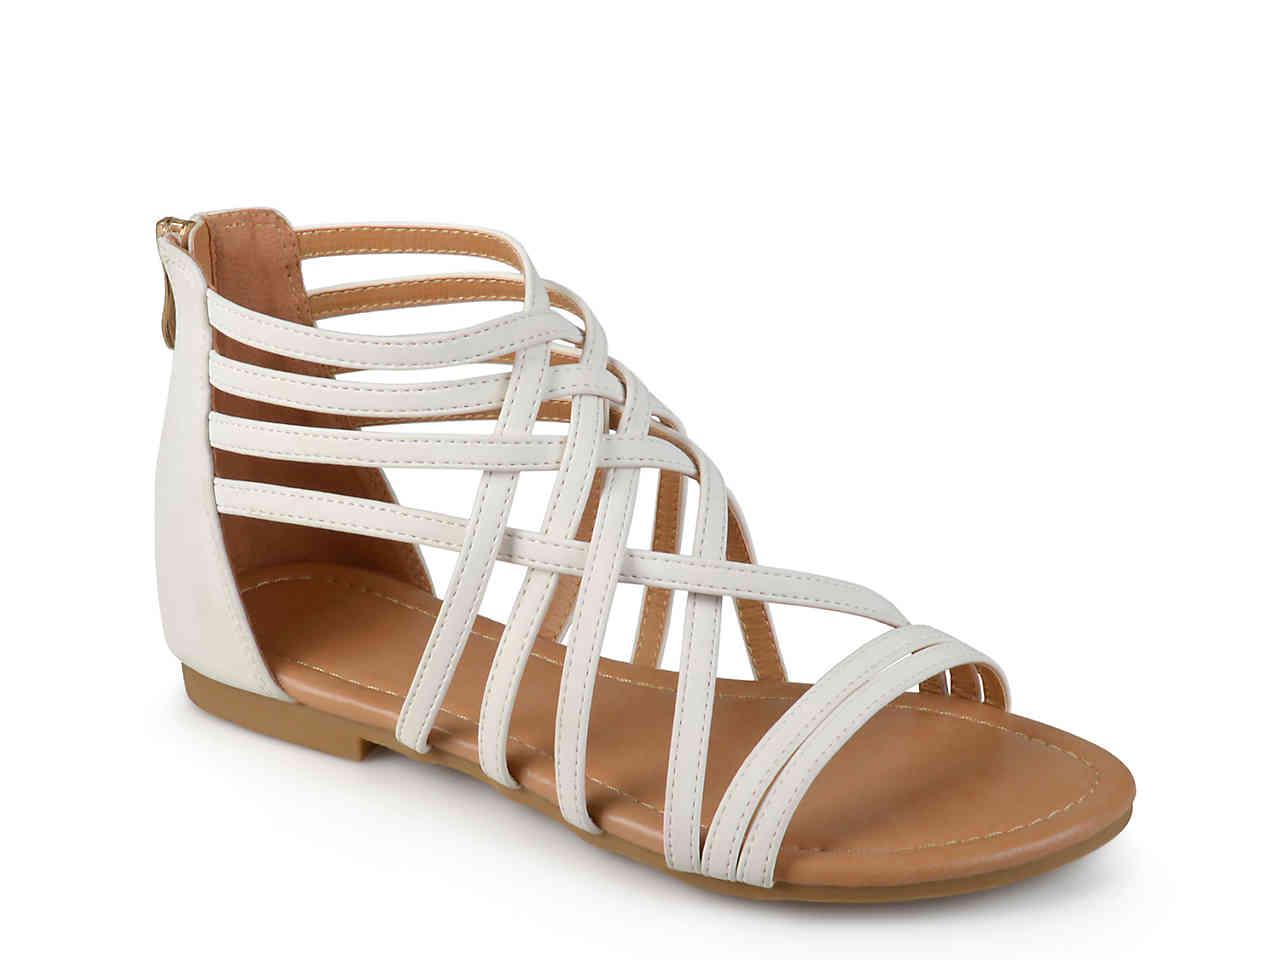 sandal 1.jpg